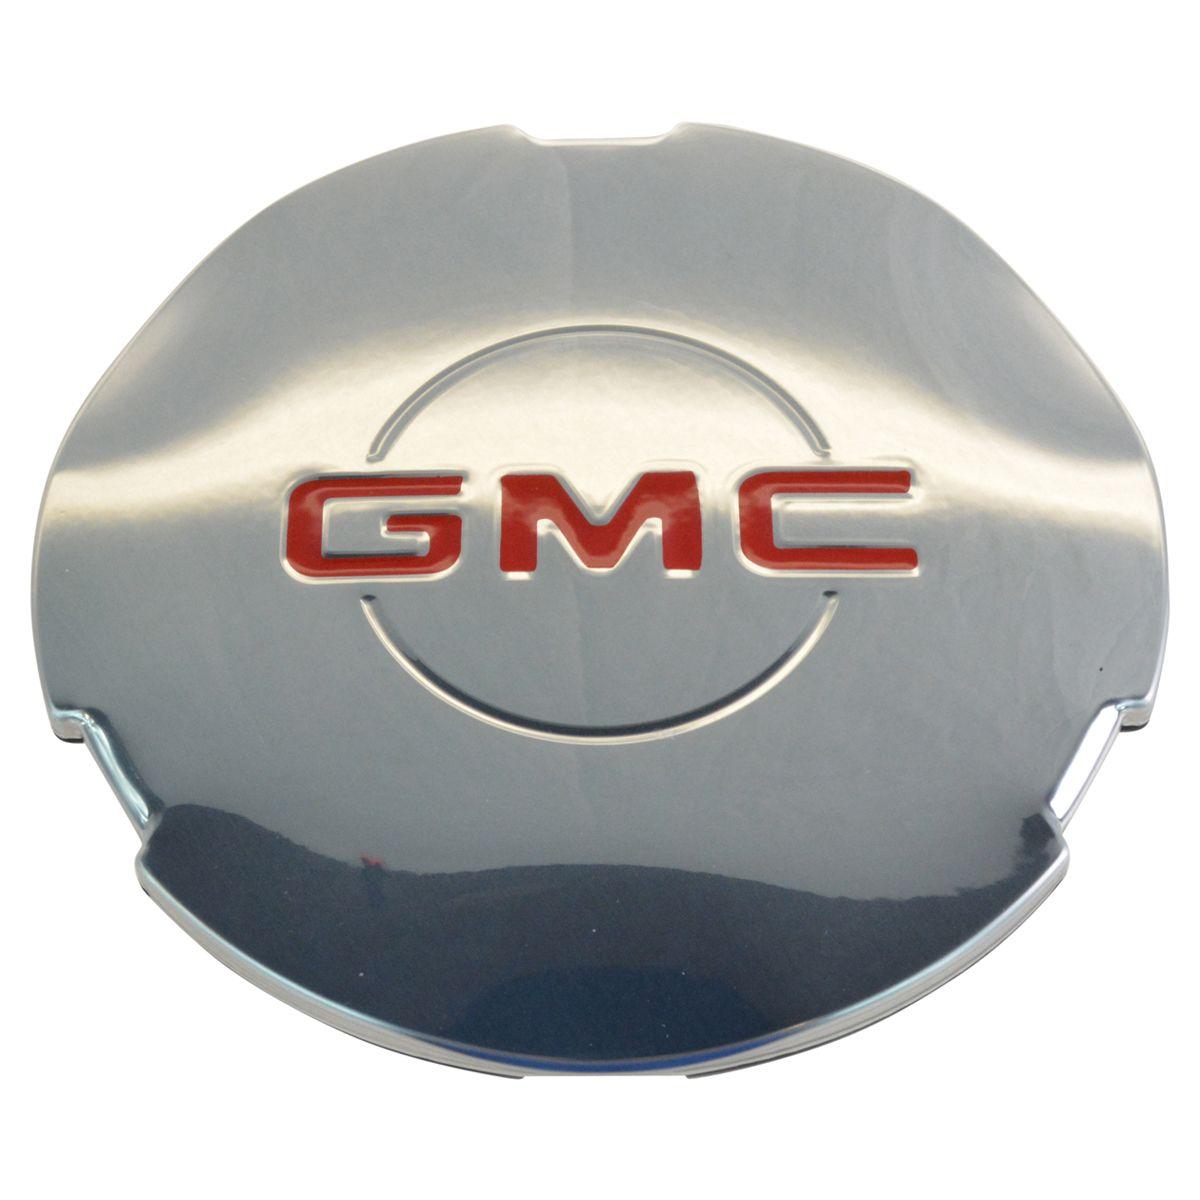 OEM 15712389 Wheel Hub Center Cap Chrome for GMC Sierra 1500 Yukon XL New